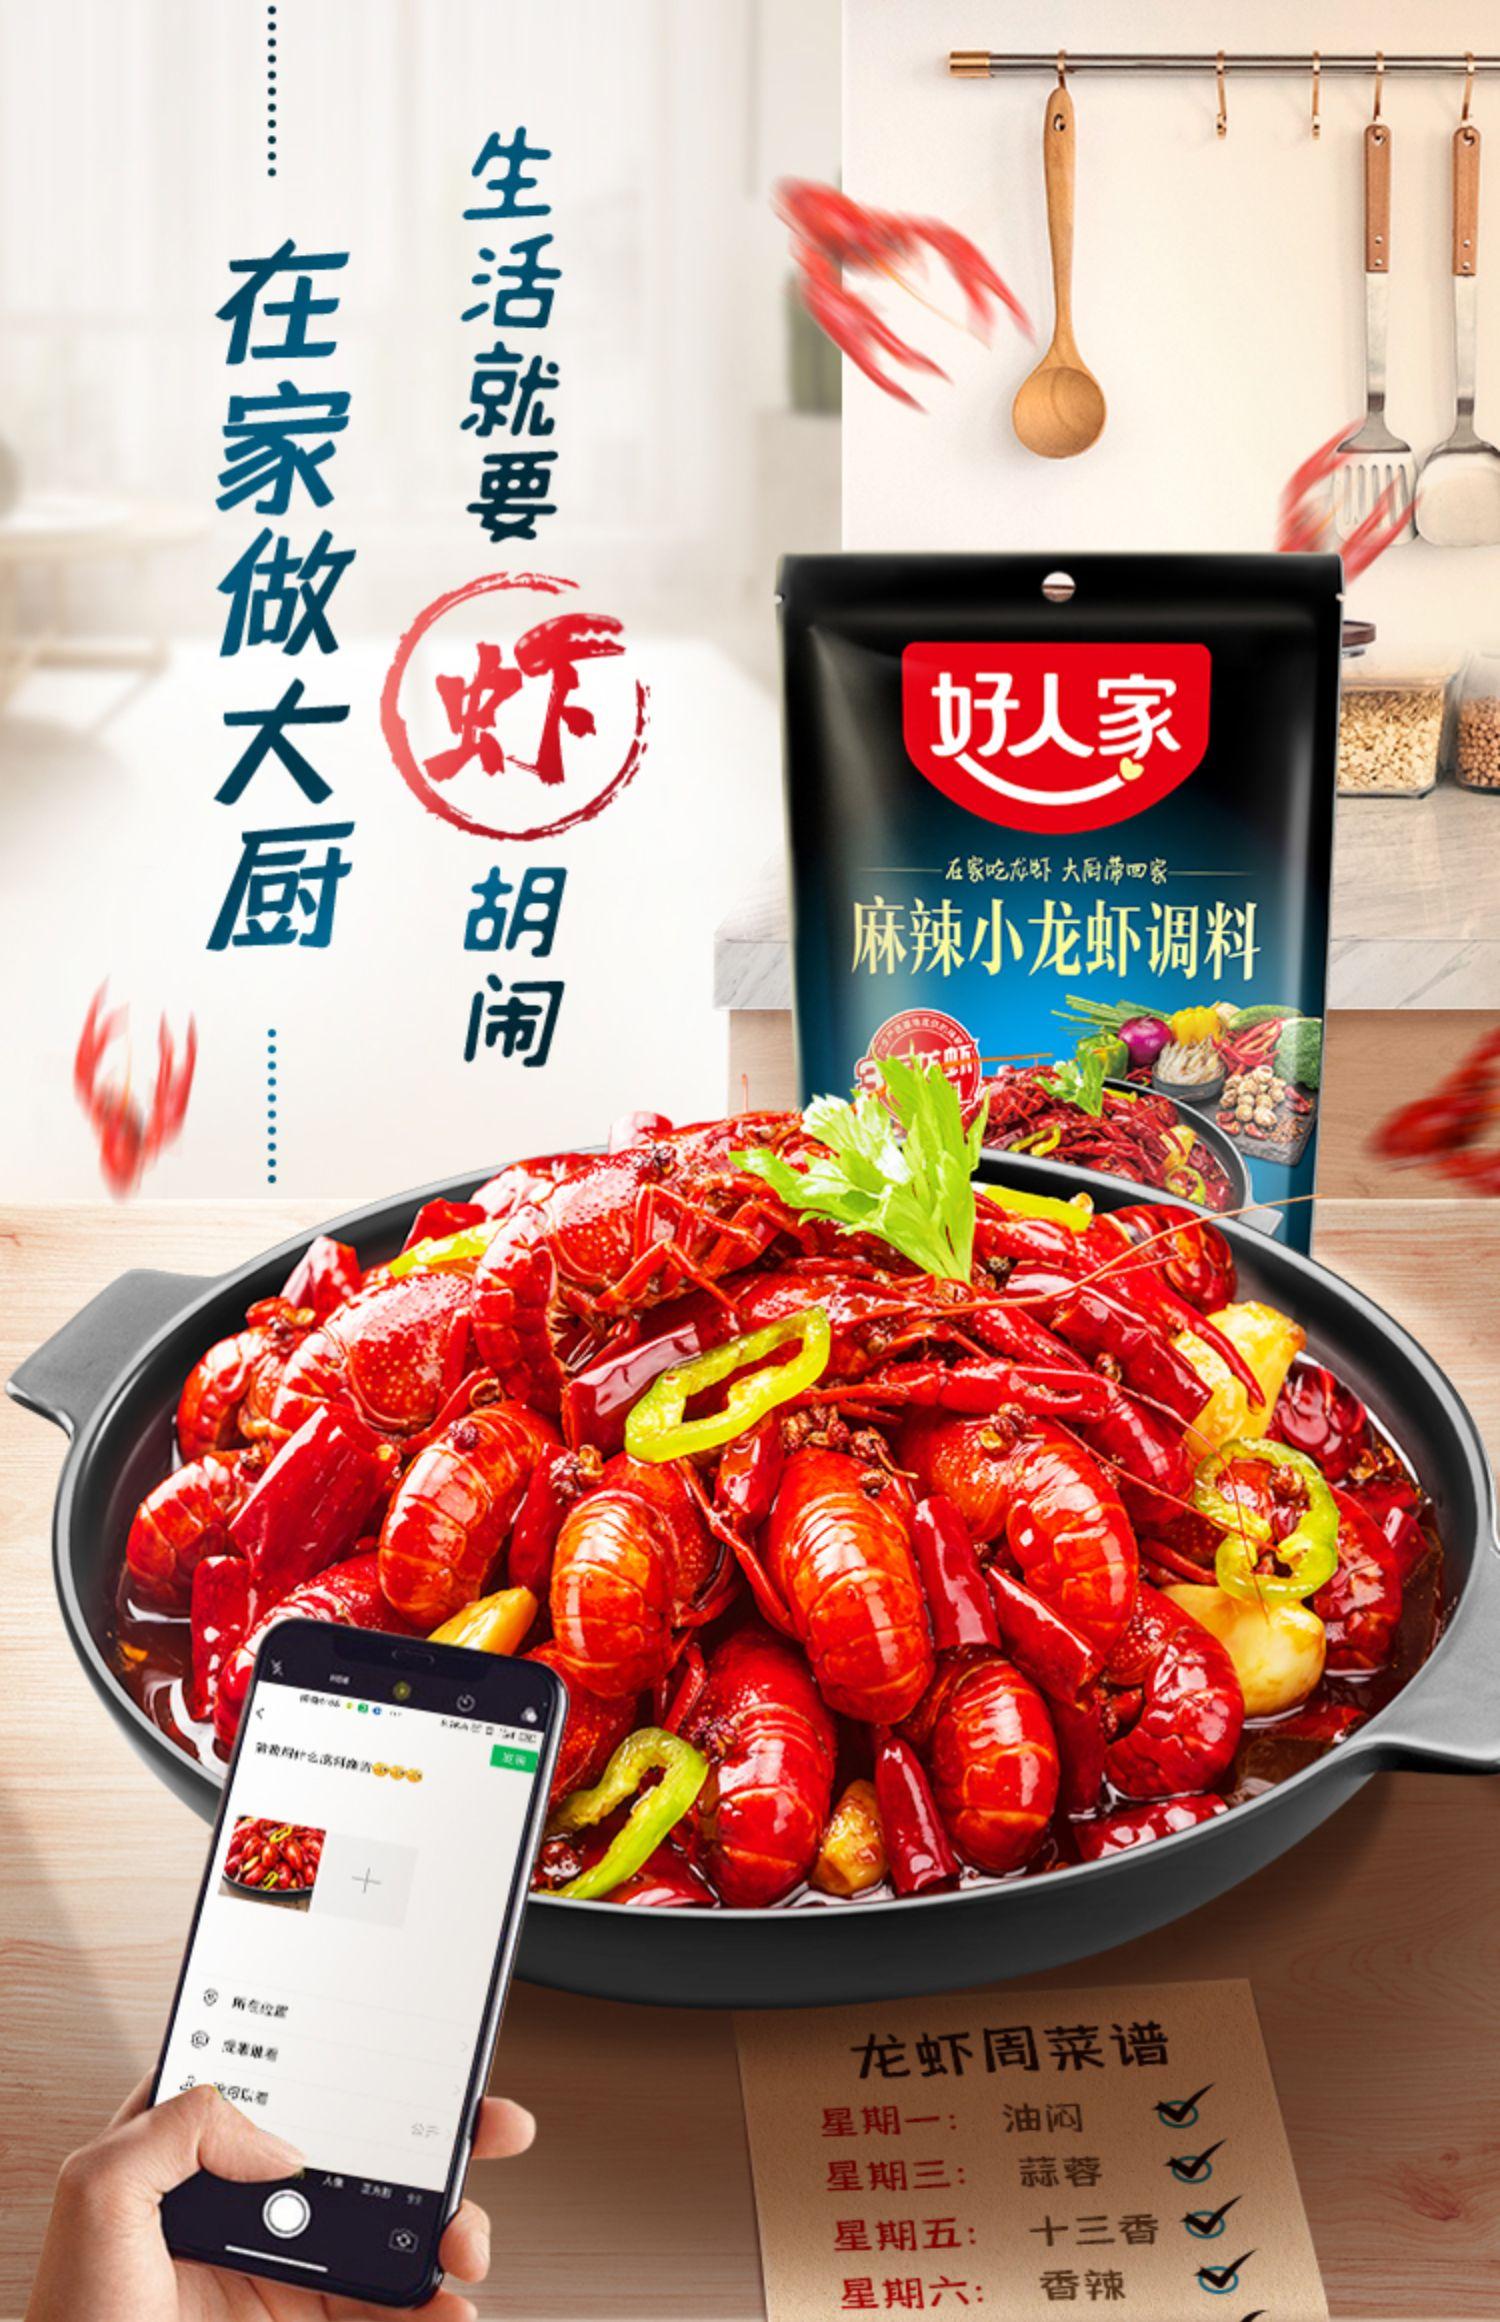 【拍两件】好人家香麻辣小龙虾调料200g